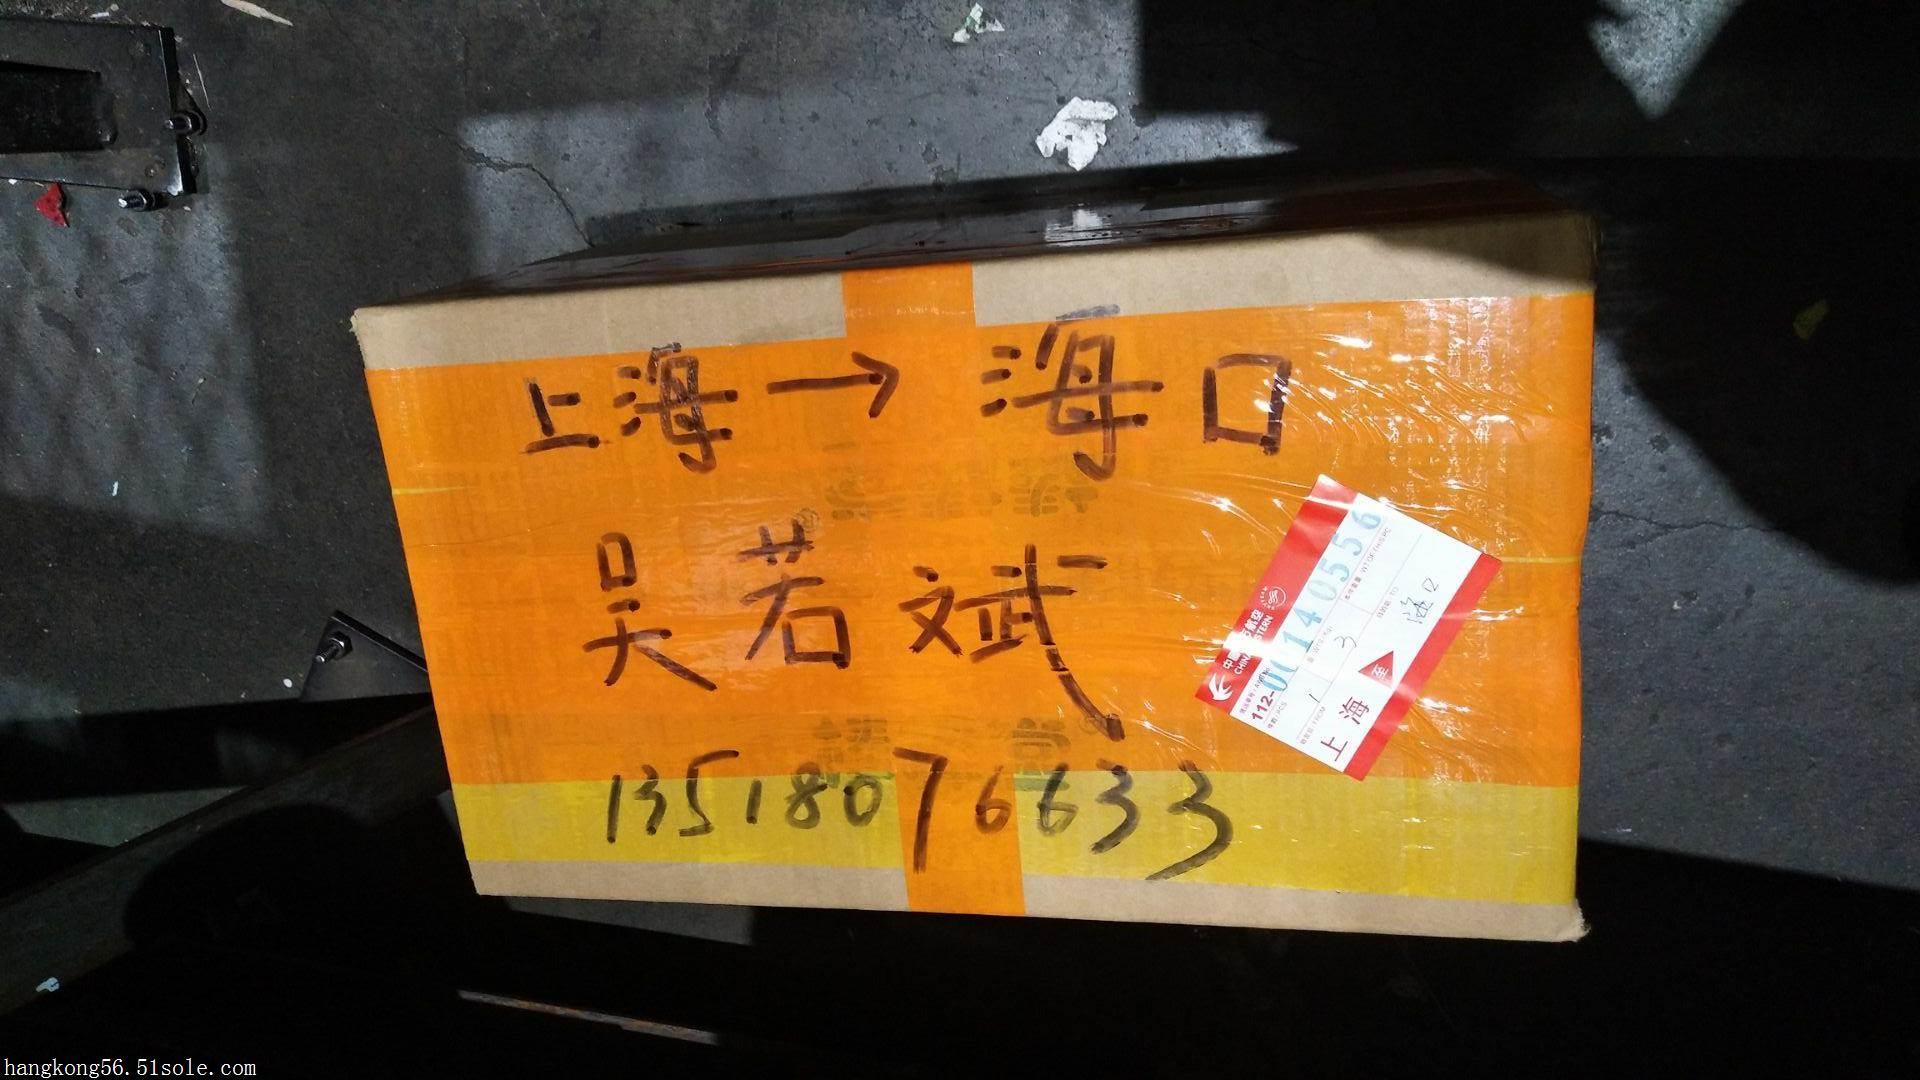 上海到海口航空货运公司当日达